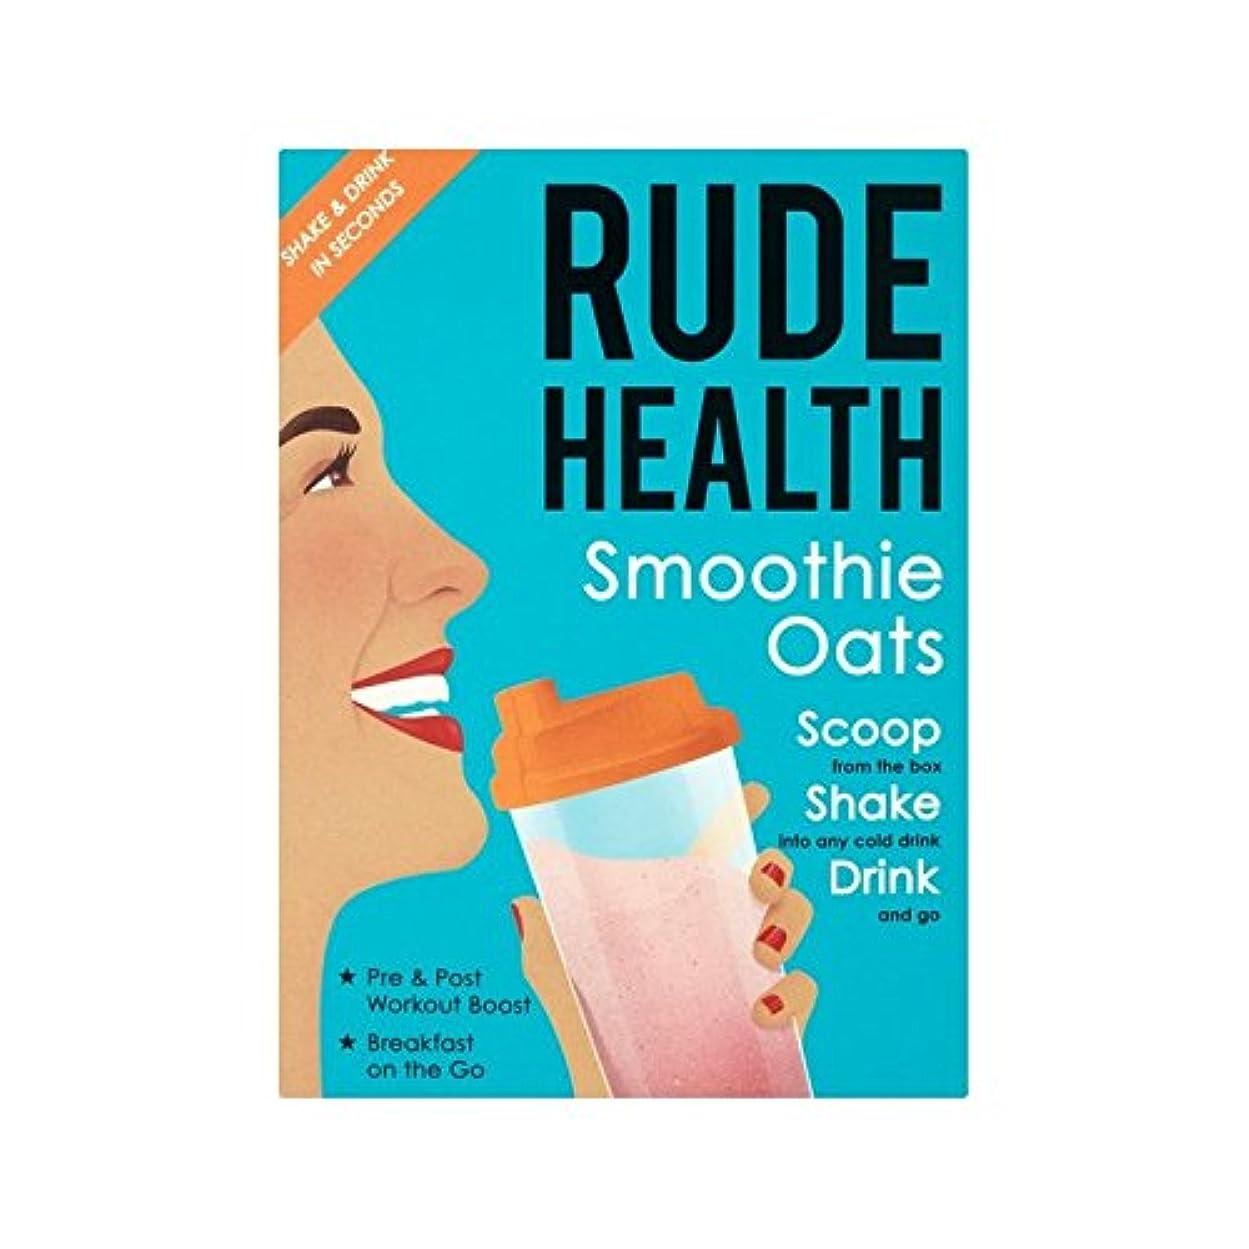 と遊ぶとても参加者スムージーオート麦250グラム (Rude Health) (x 4) - Rude Health Smoothie Oats 250g (Pack of 4) [並行輸入品]